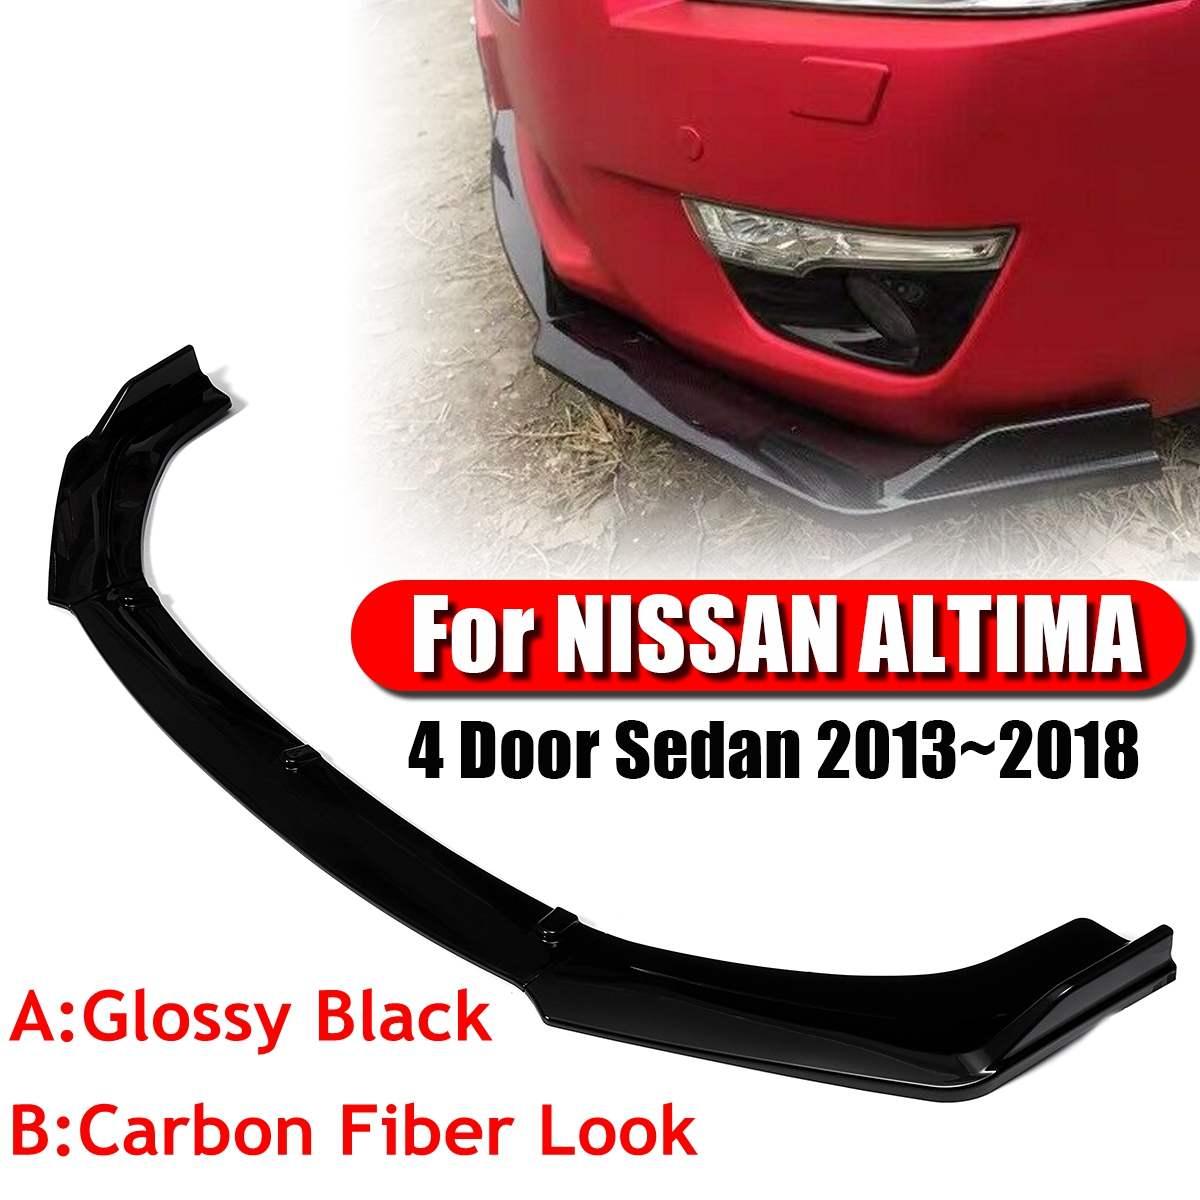 Glossy Black/Carbon Fiber Look 3Pcs Car Front Bumper Lip Bumper Body Kits Splitter Diffuser For NISSAN ALTIMA 4 Door Sedan 13~18